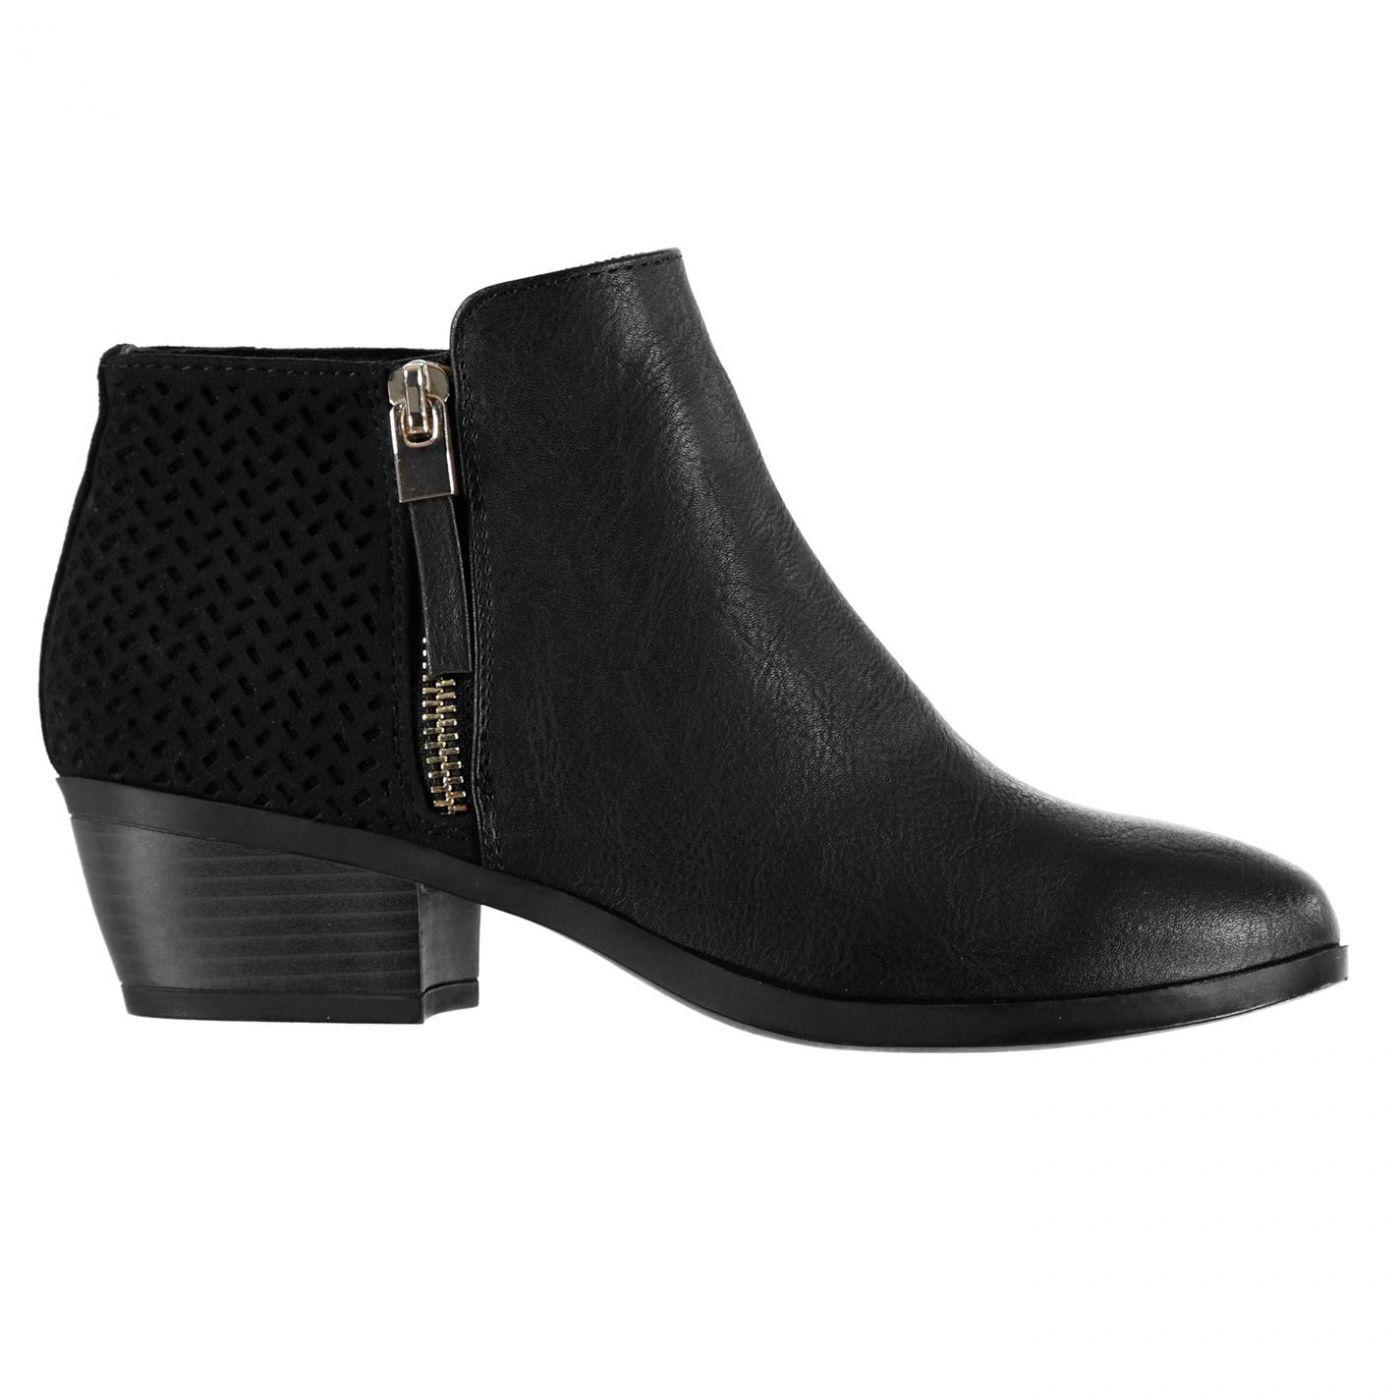 Aldo Mitrari Boots Ladies